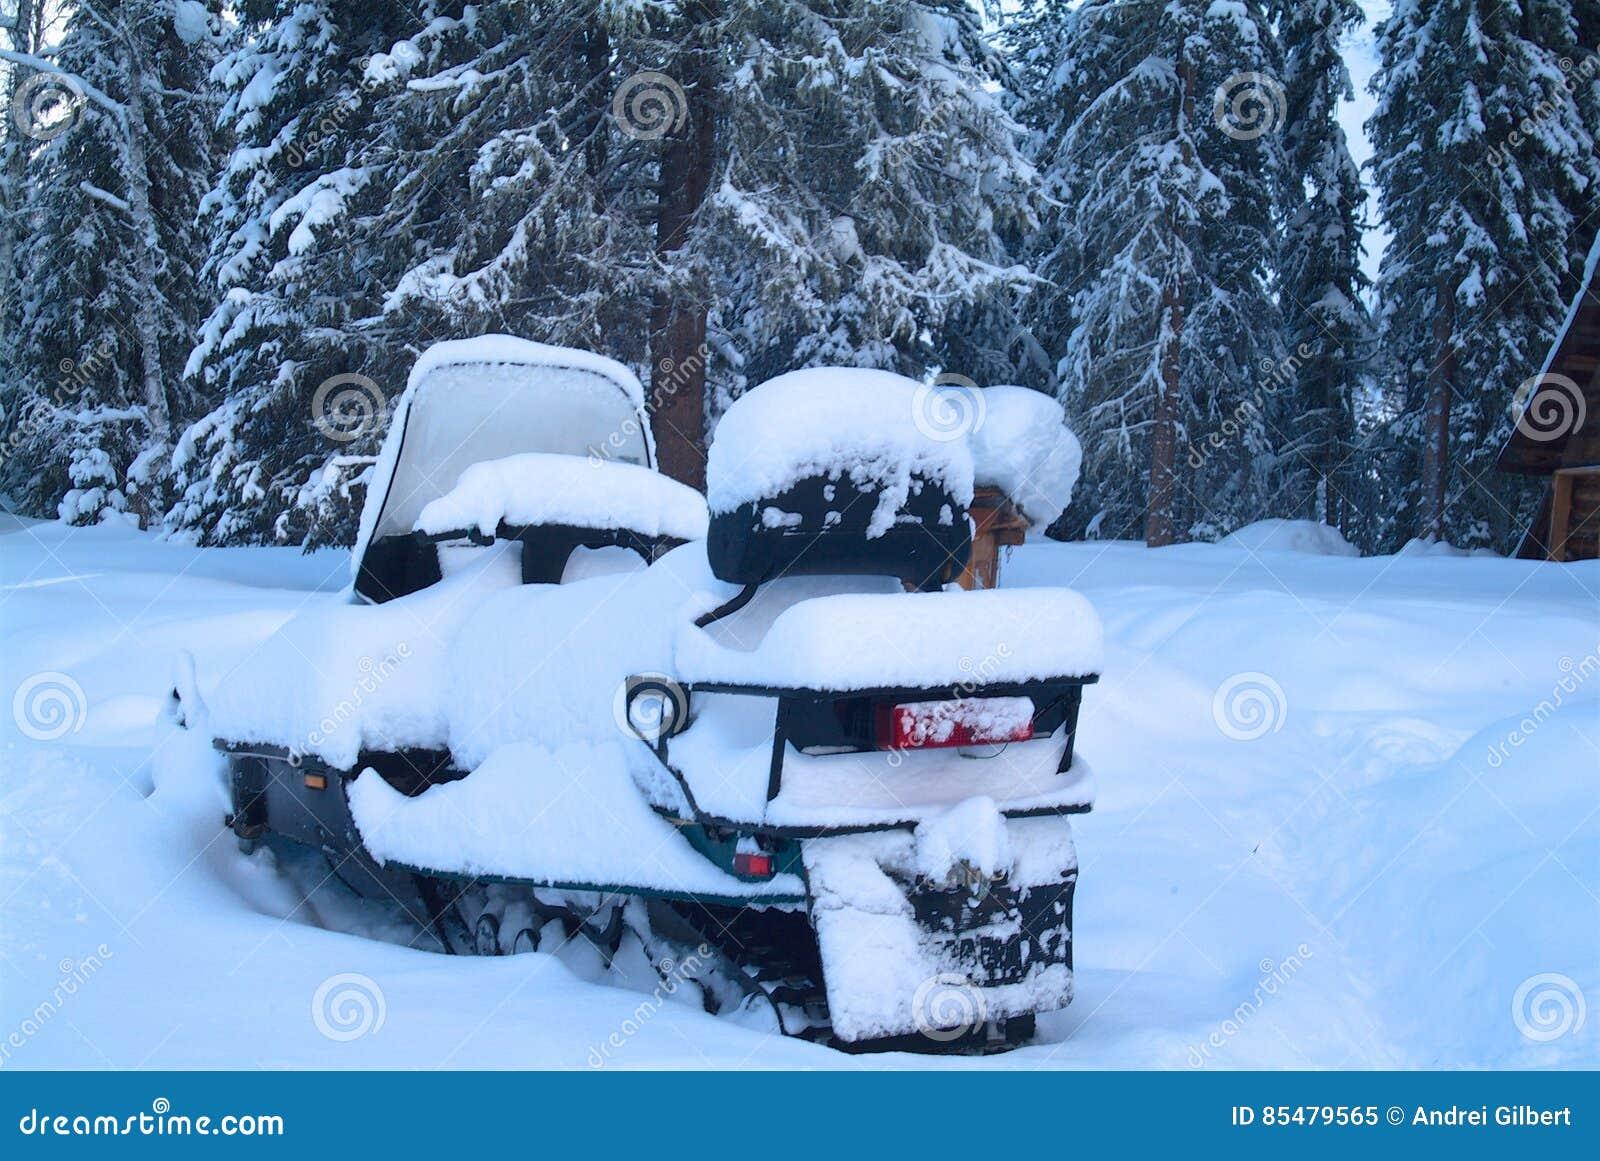 在一个木房子附近的斯诺伊雪上电车在森林